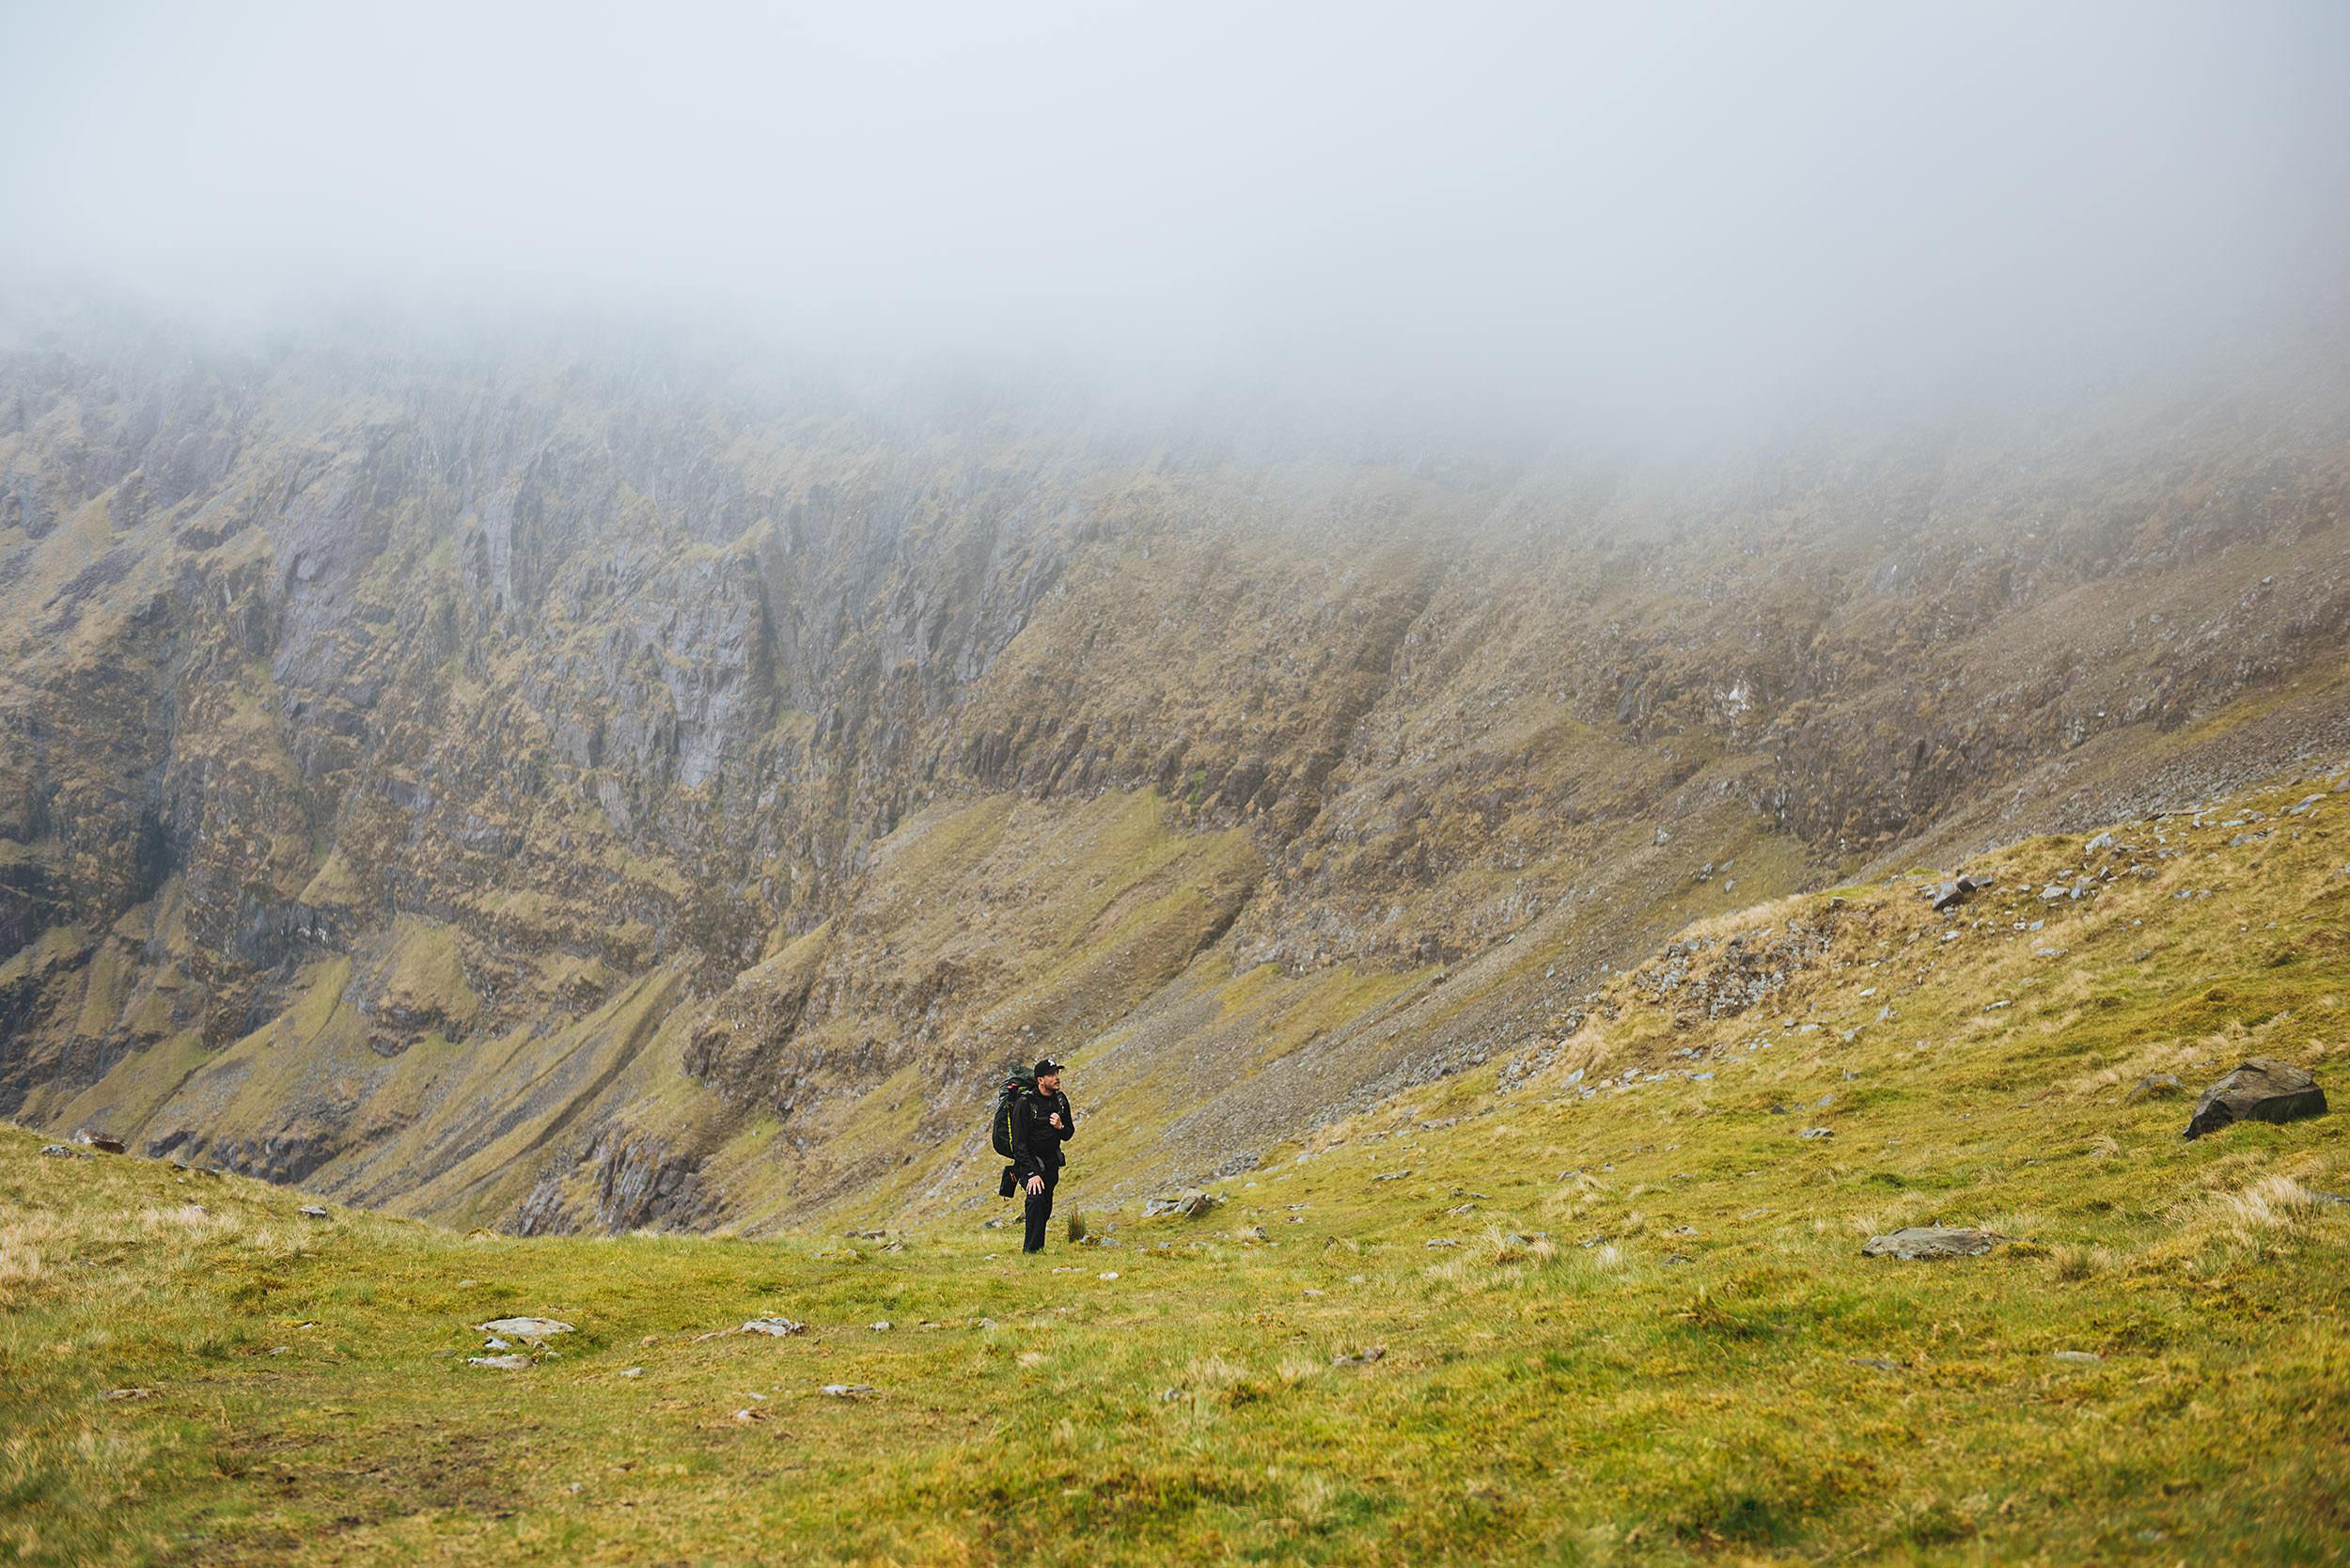 14-outdoor-ireland-mountains-adventure-hiking-mweelrea.jpg